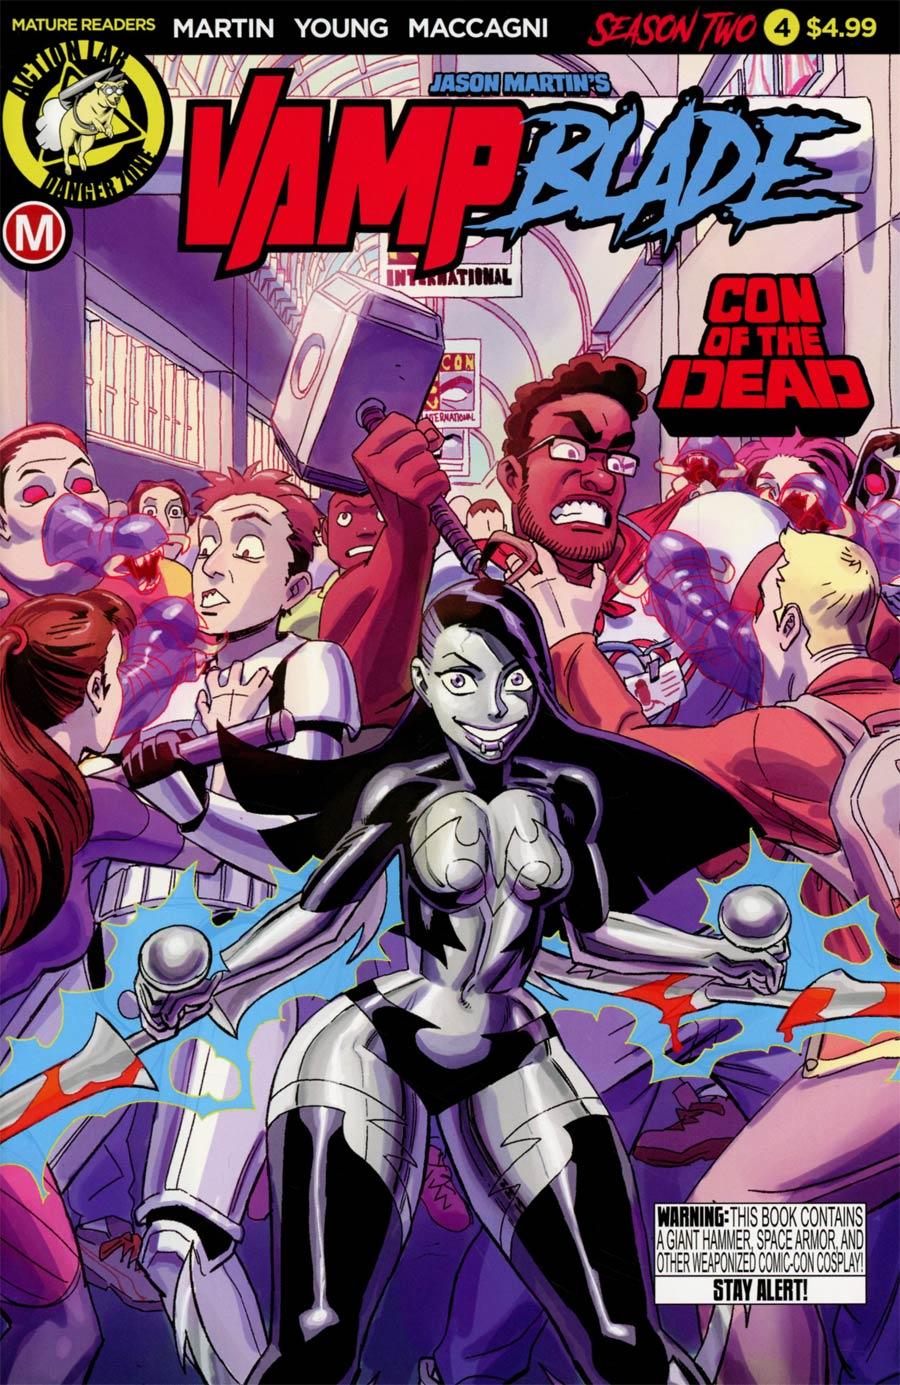 Vampblade Season 2 #4 Cover A Regular Winston Young Cover